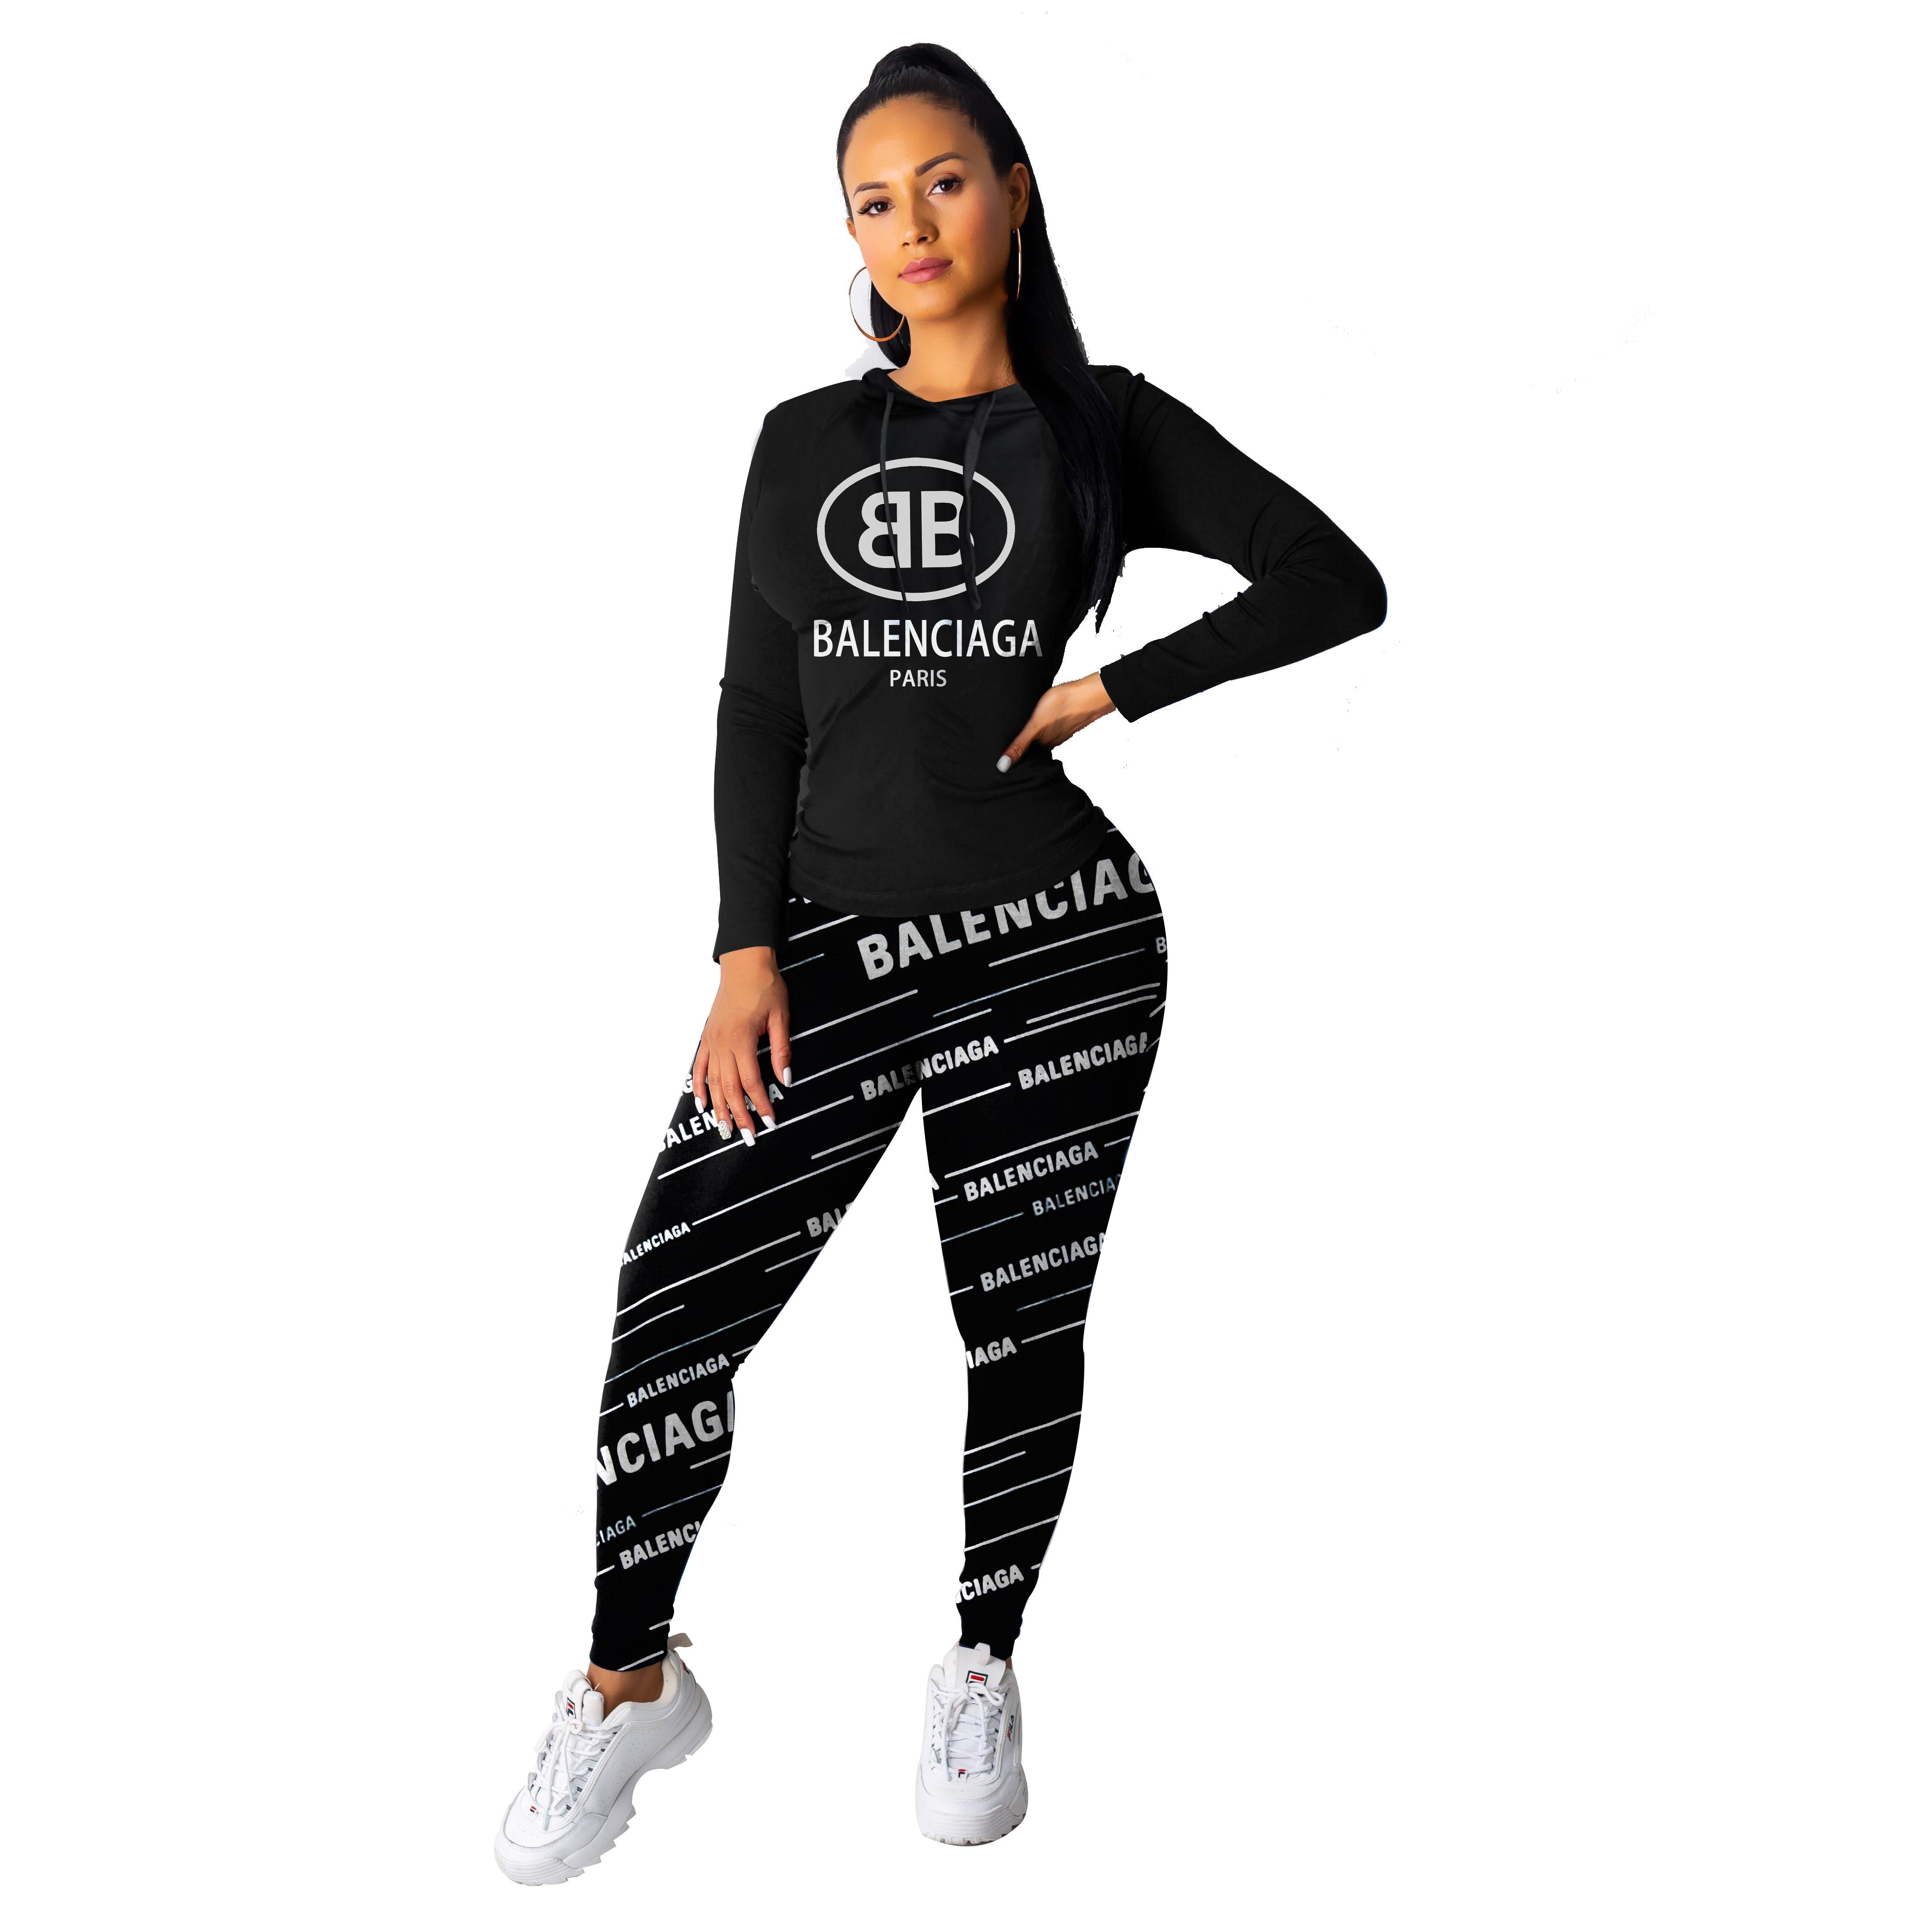 Ropa de diseñador de las mujeres de moda de lujo chándales Conjunto de manga larga de las tapas + pantalones de dos piezas para mujer causal Imprimir chándales mayorista